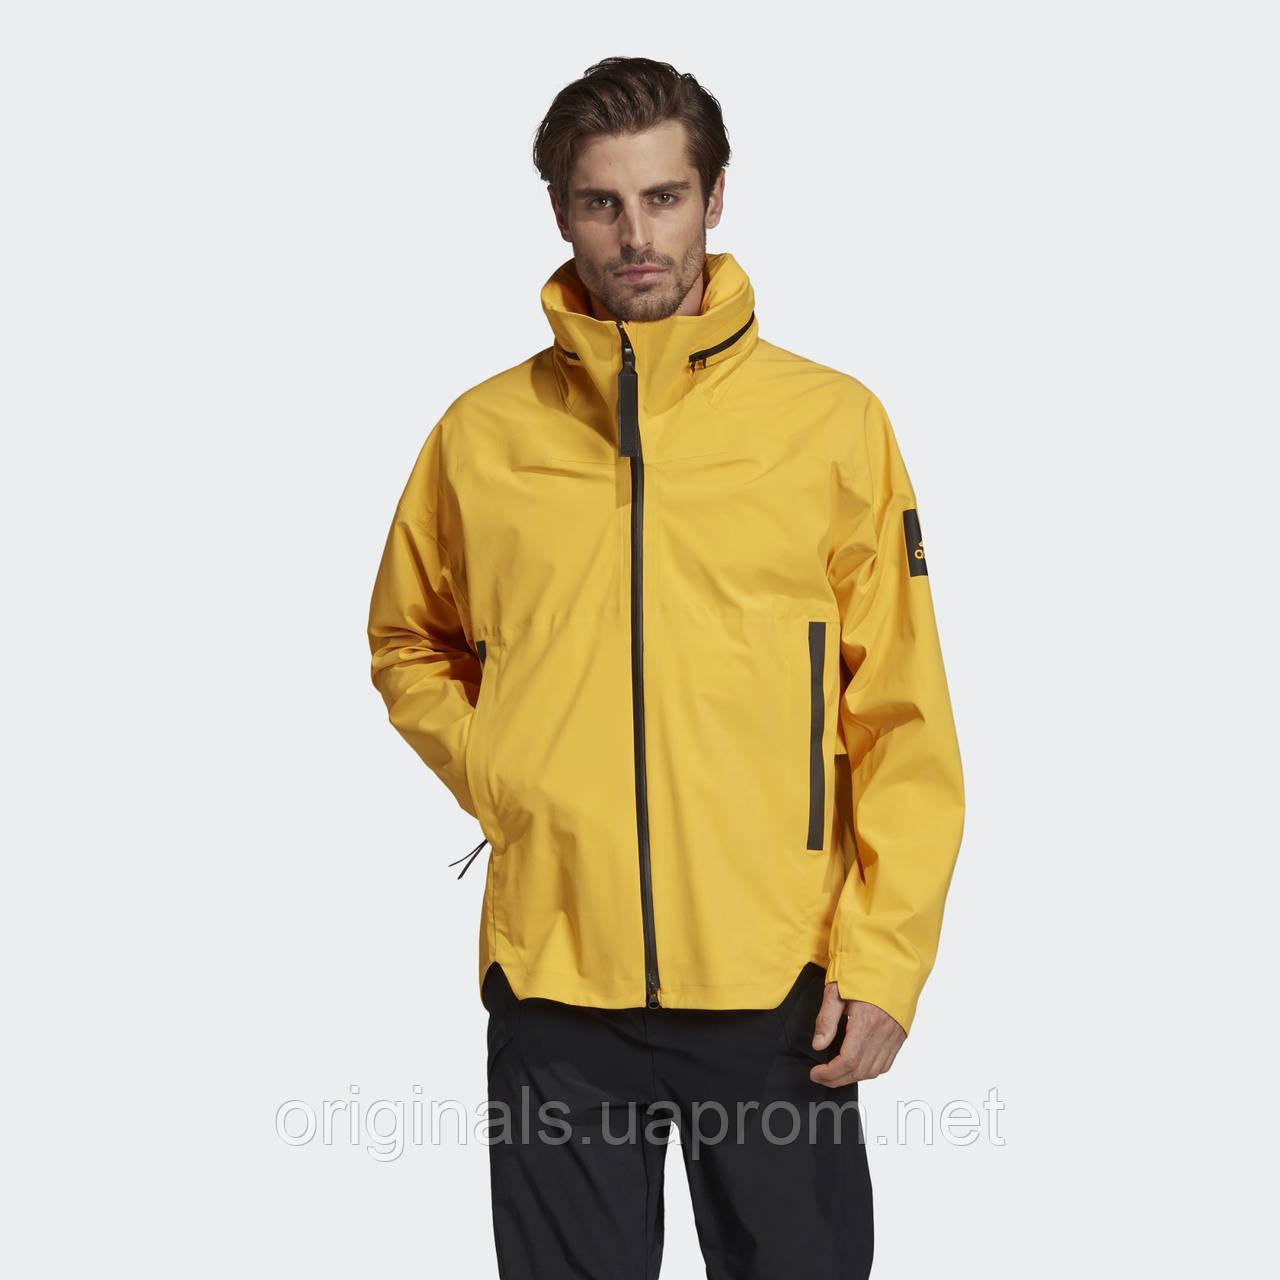 Мужская куртка-дождевик Adidas MySHELTER DZ1411